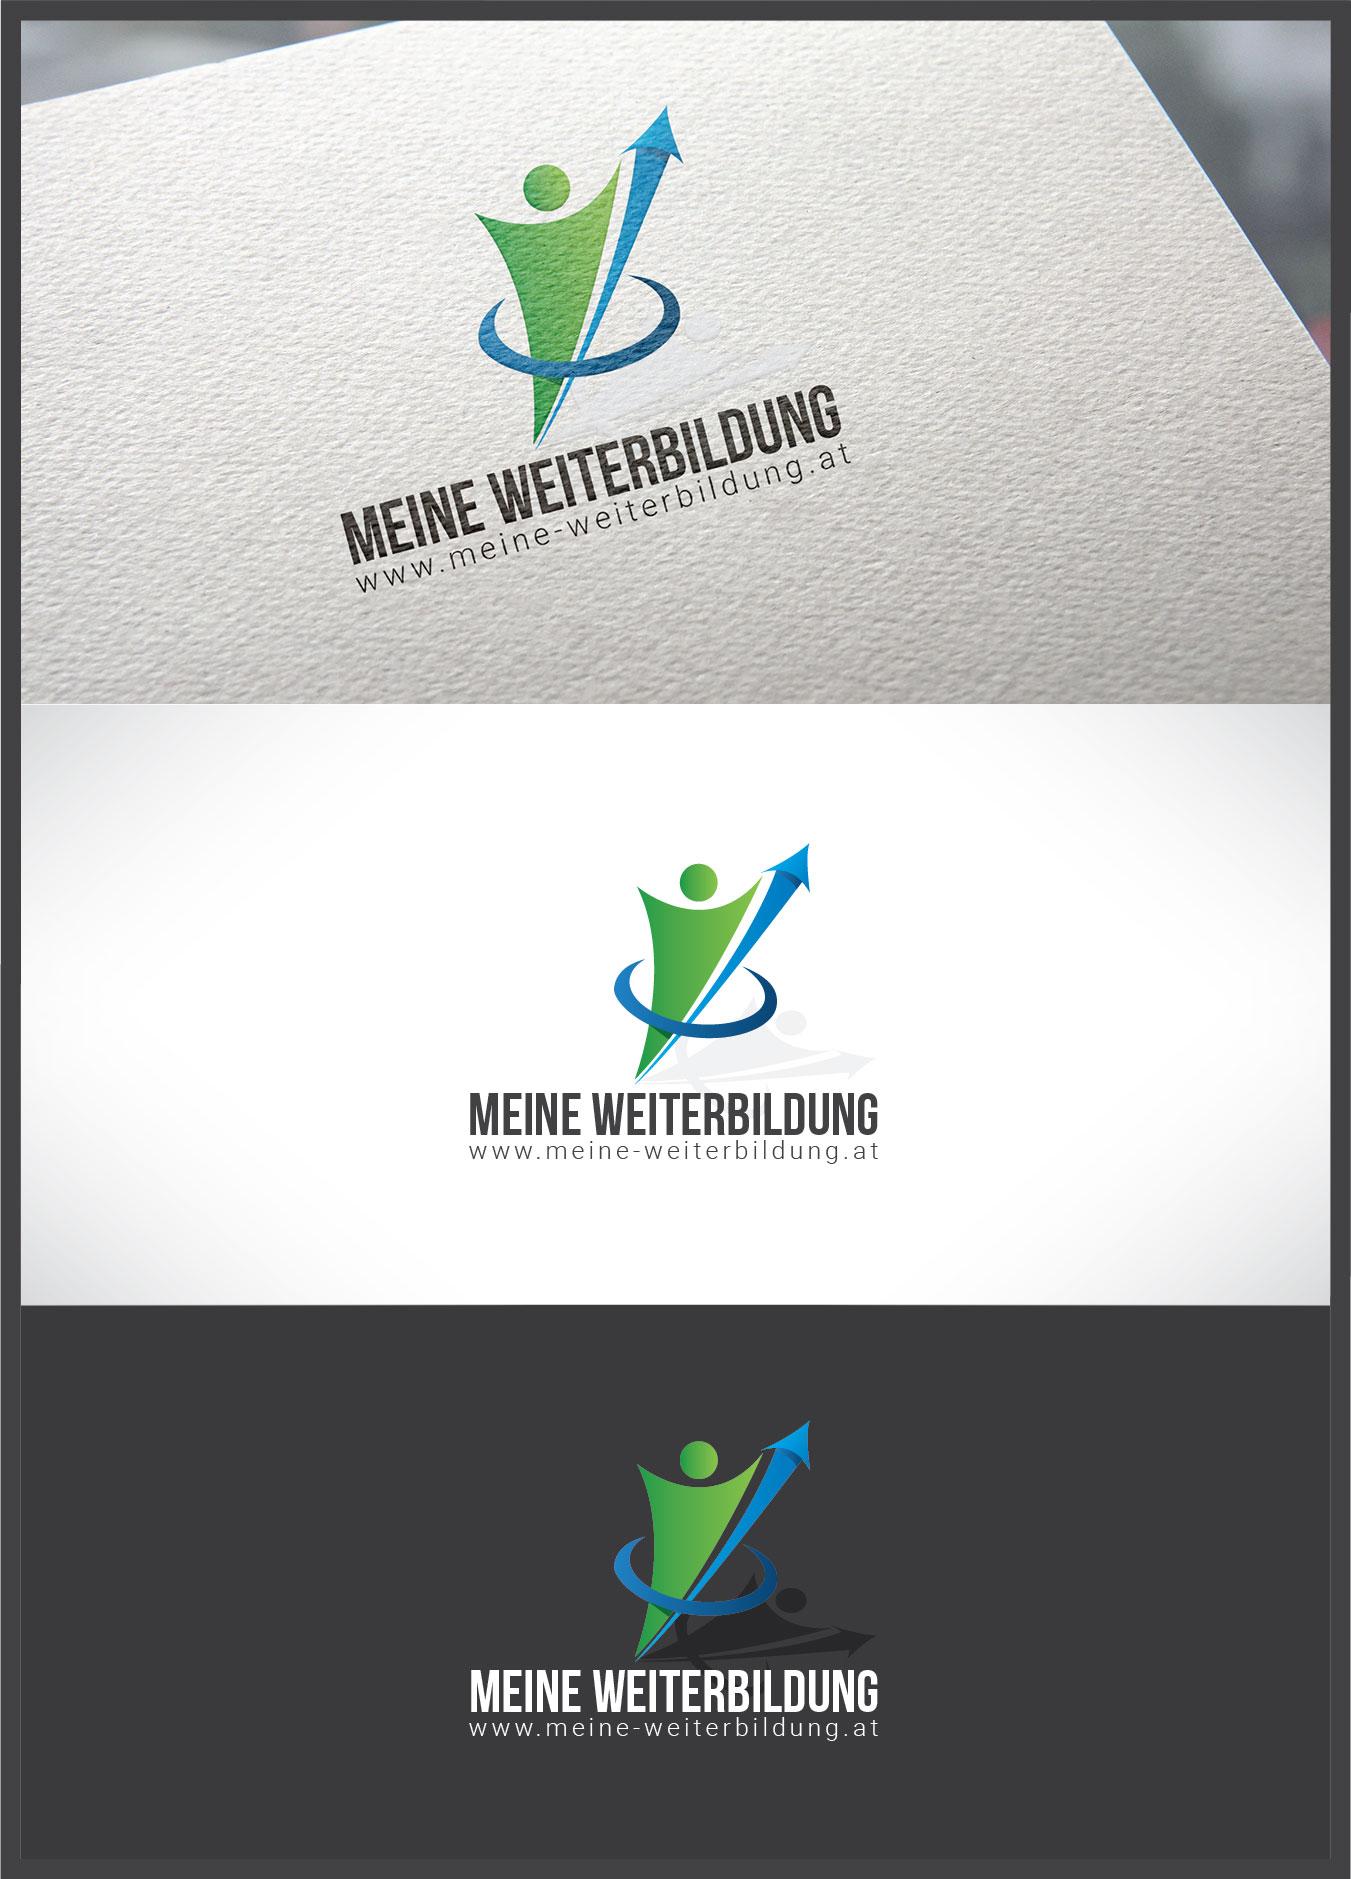 Logo design for Weiterbildung design